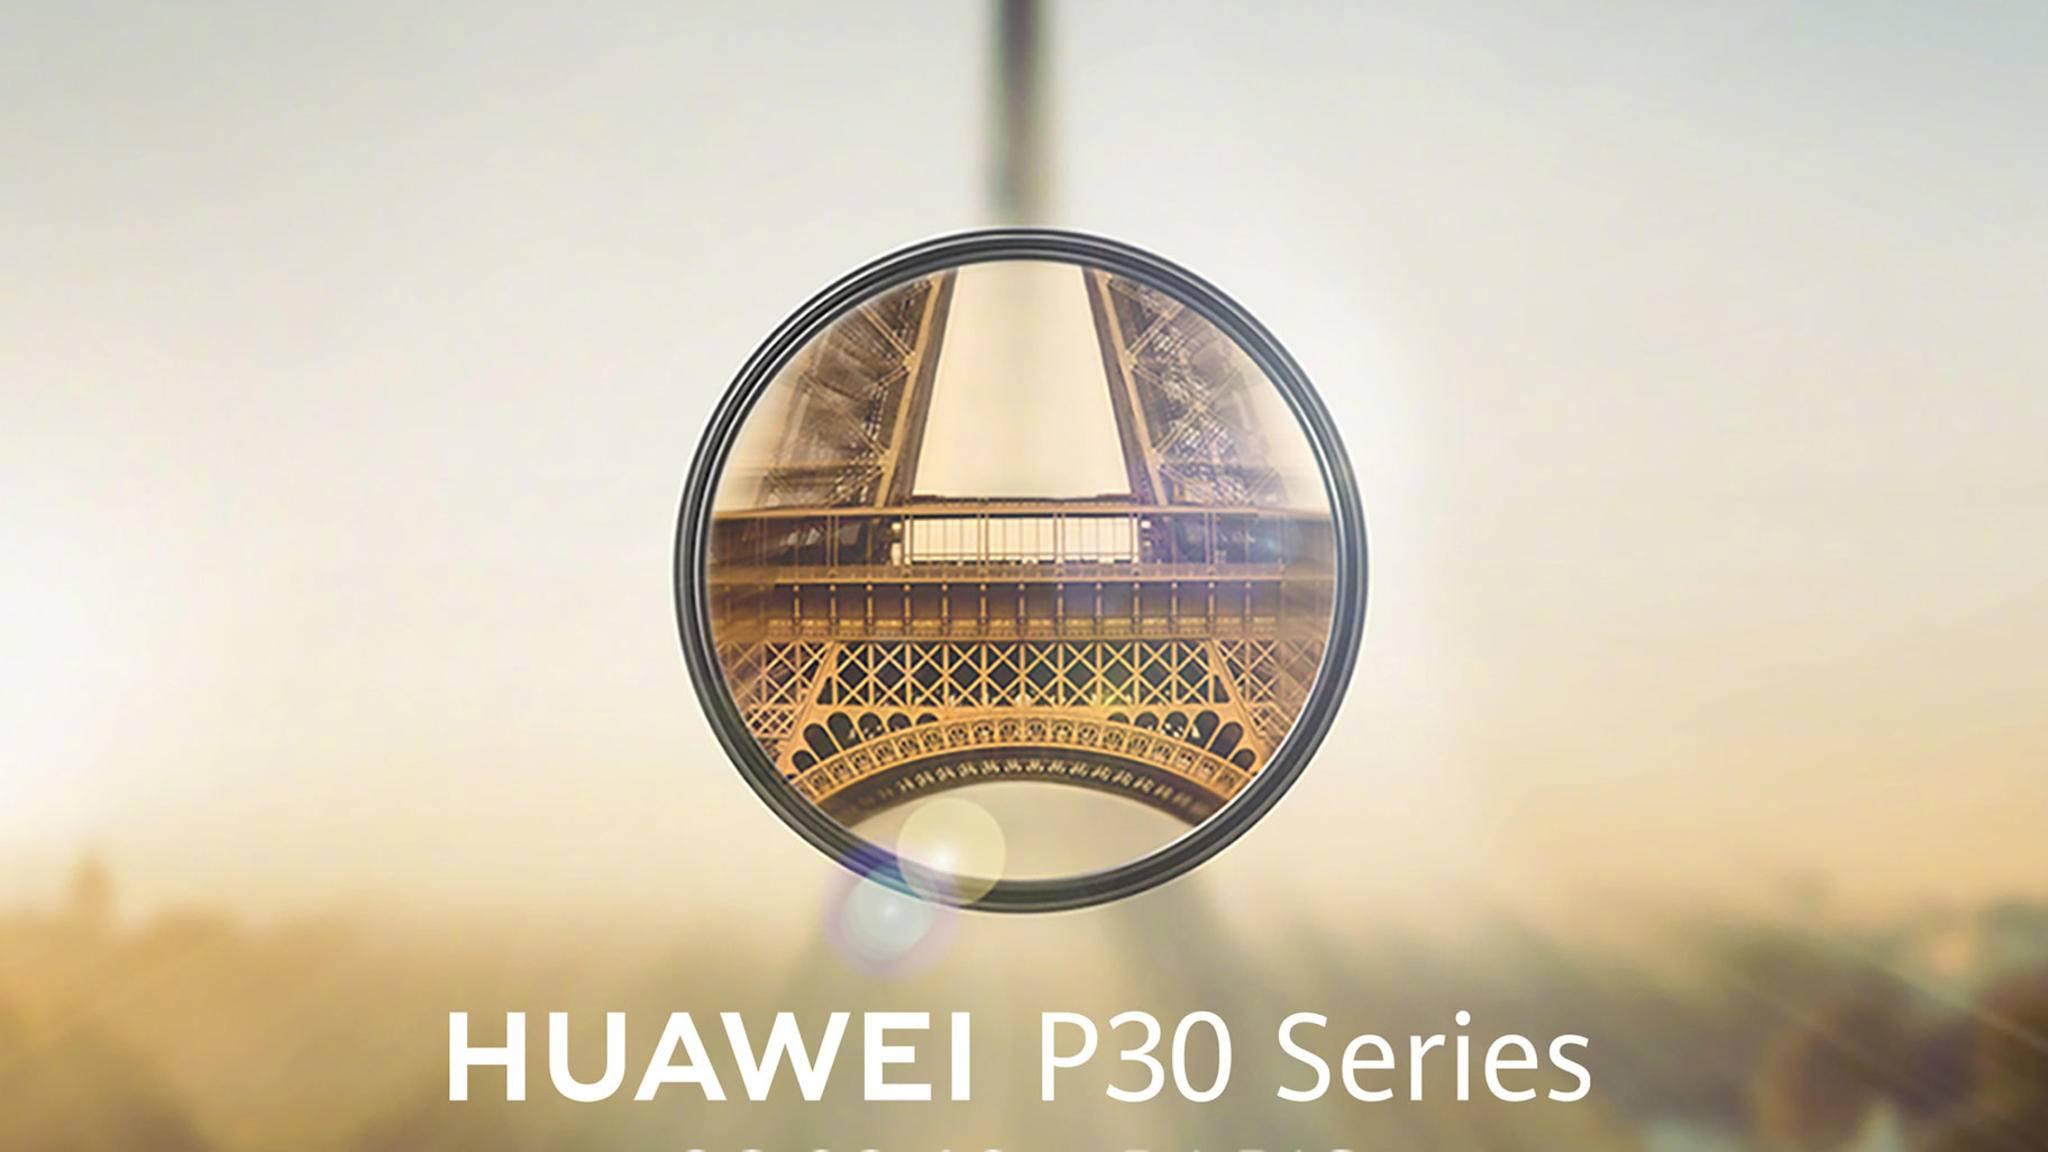 Das Huawei P30 Pro könnte neue Maßstäbe in puncto Zoom-Fähigkeit einer Smartphone-Kamera setzen.